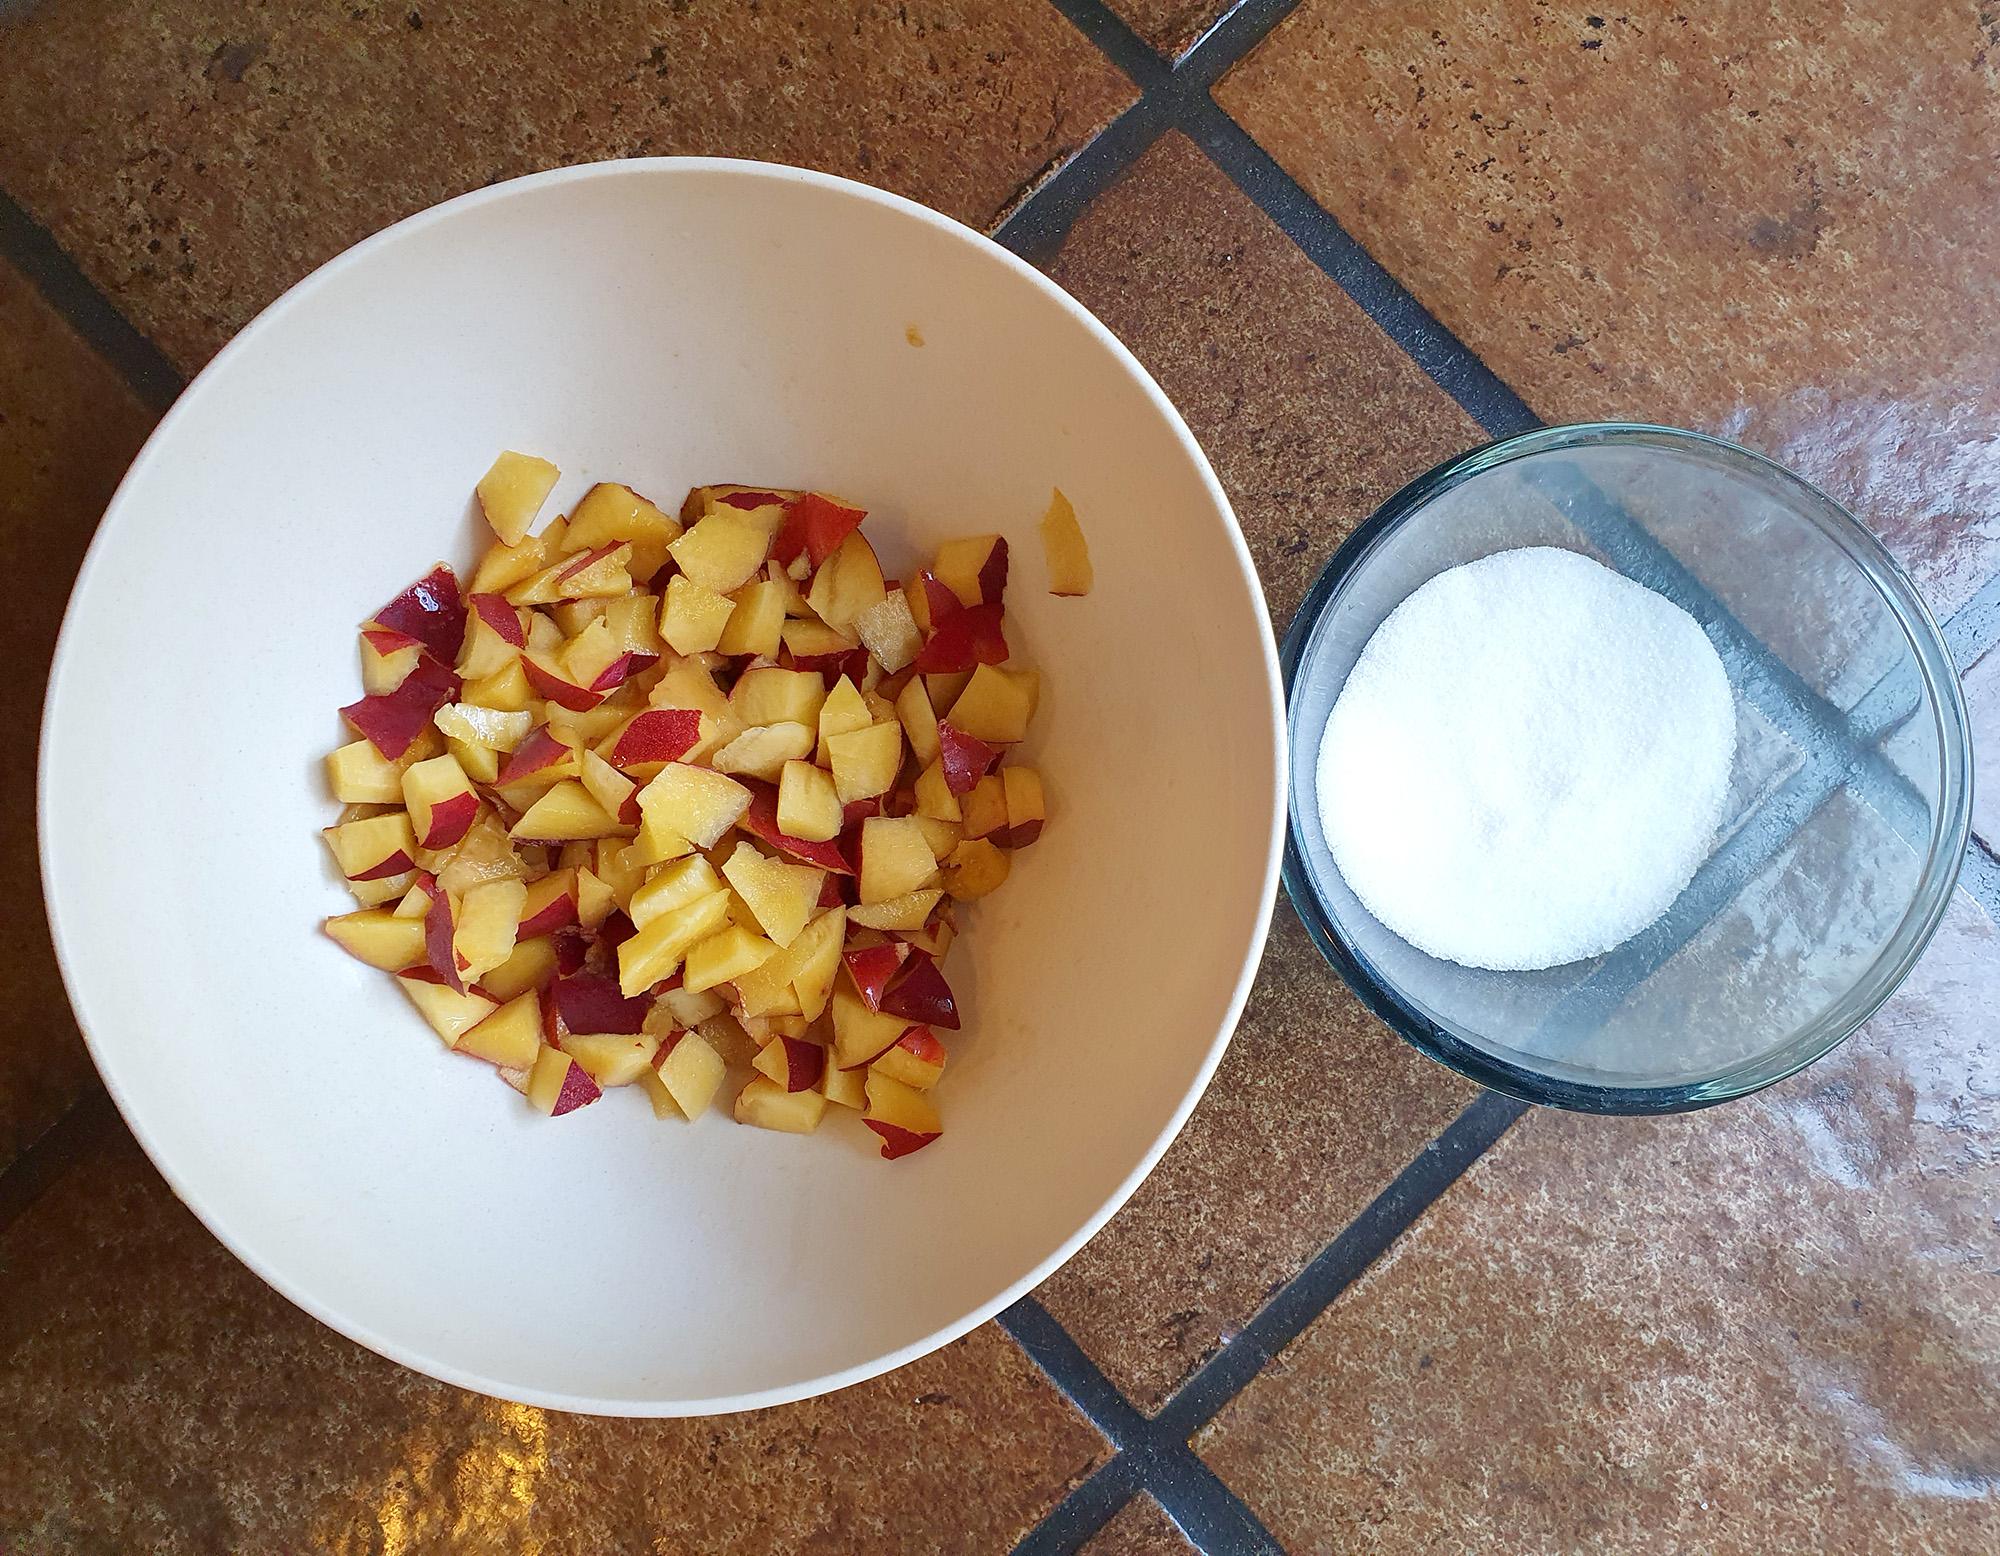 Semangkuk nektarin yang sudah dipotong dan semangkuk gula. Foto oleh penulis.